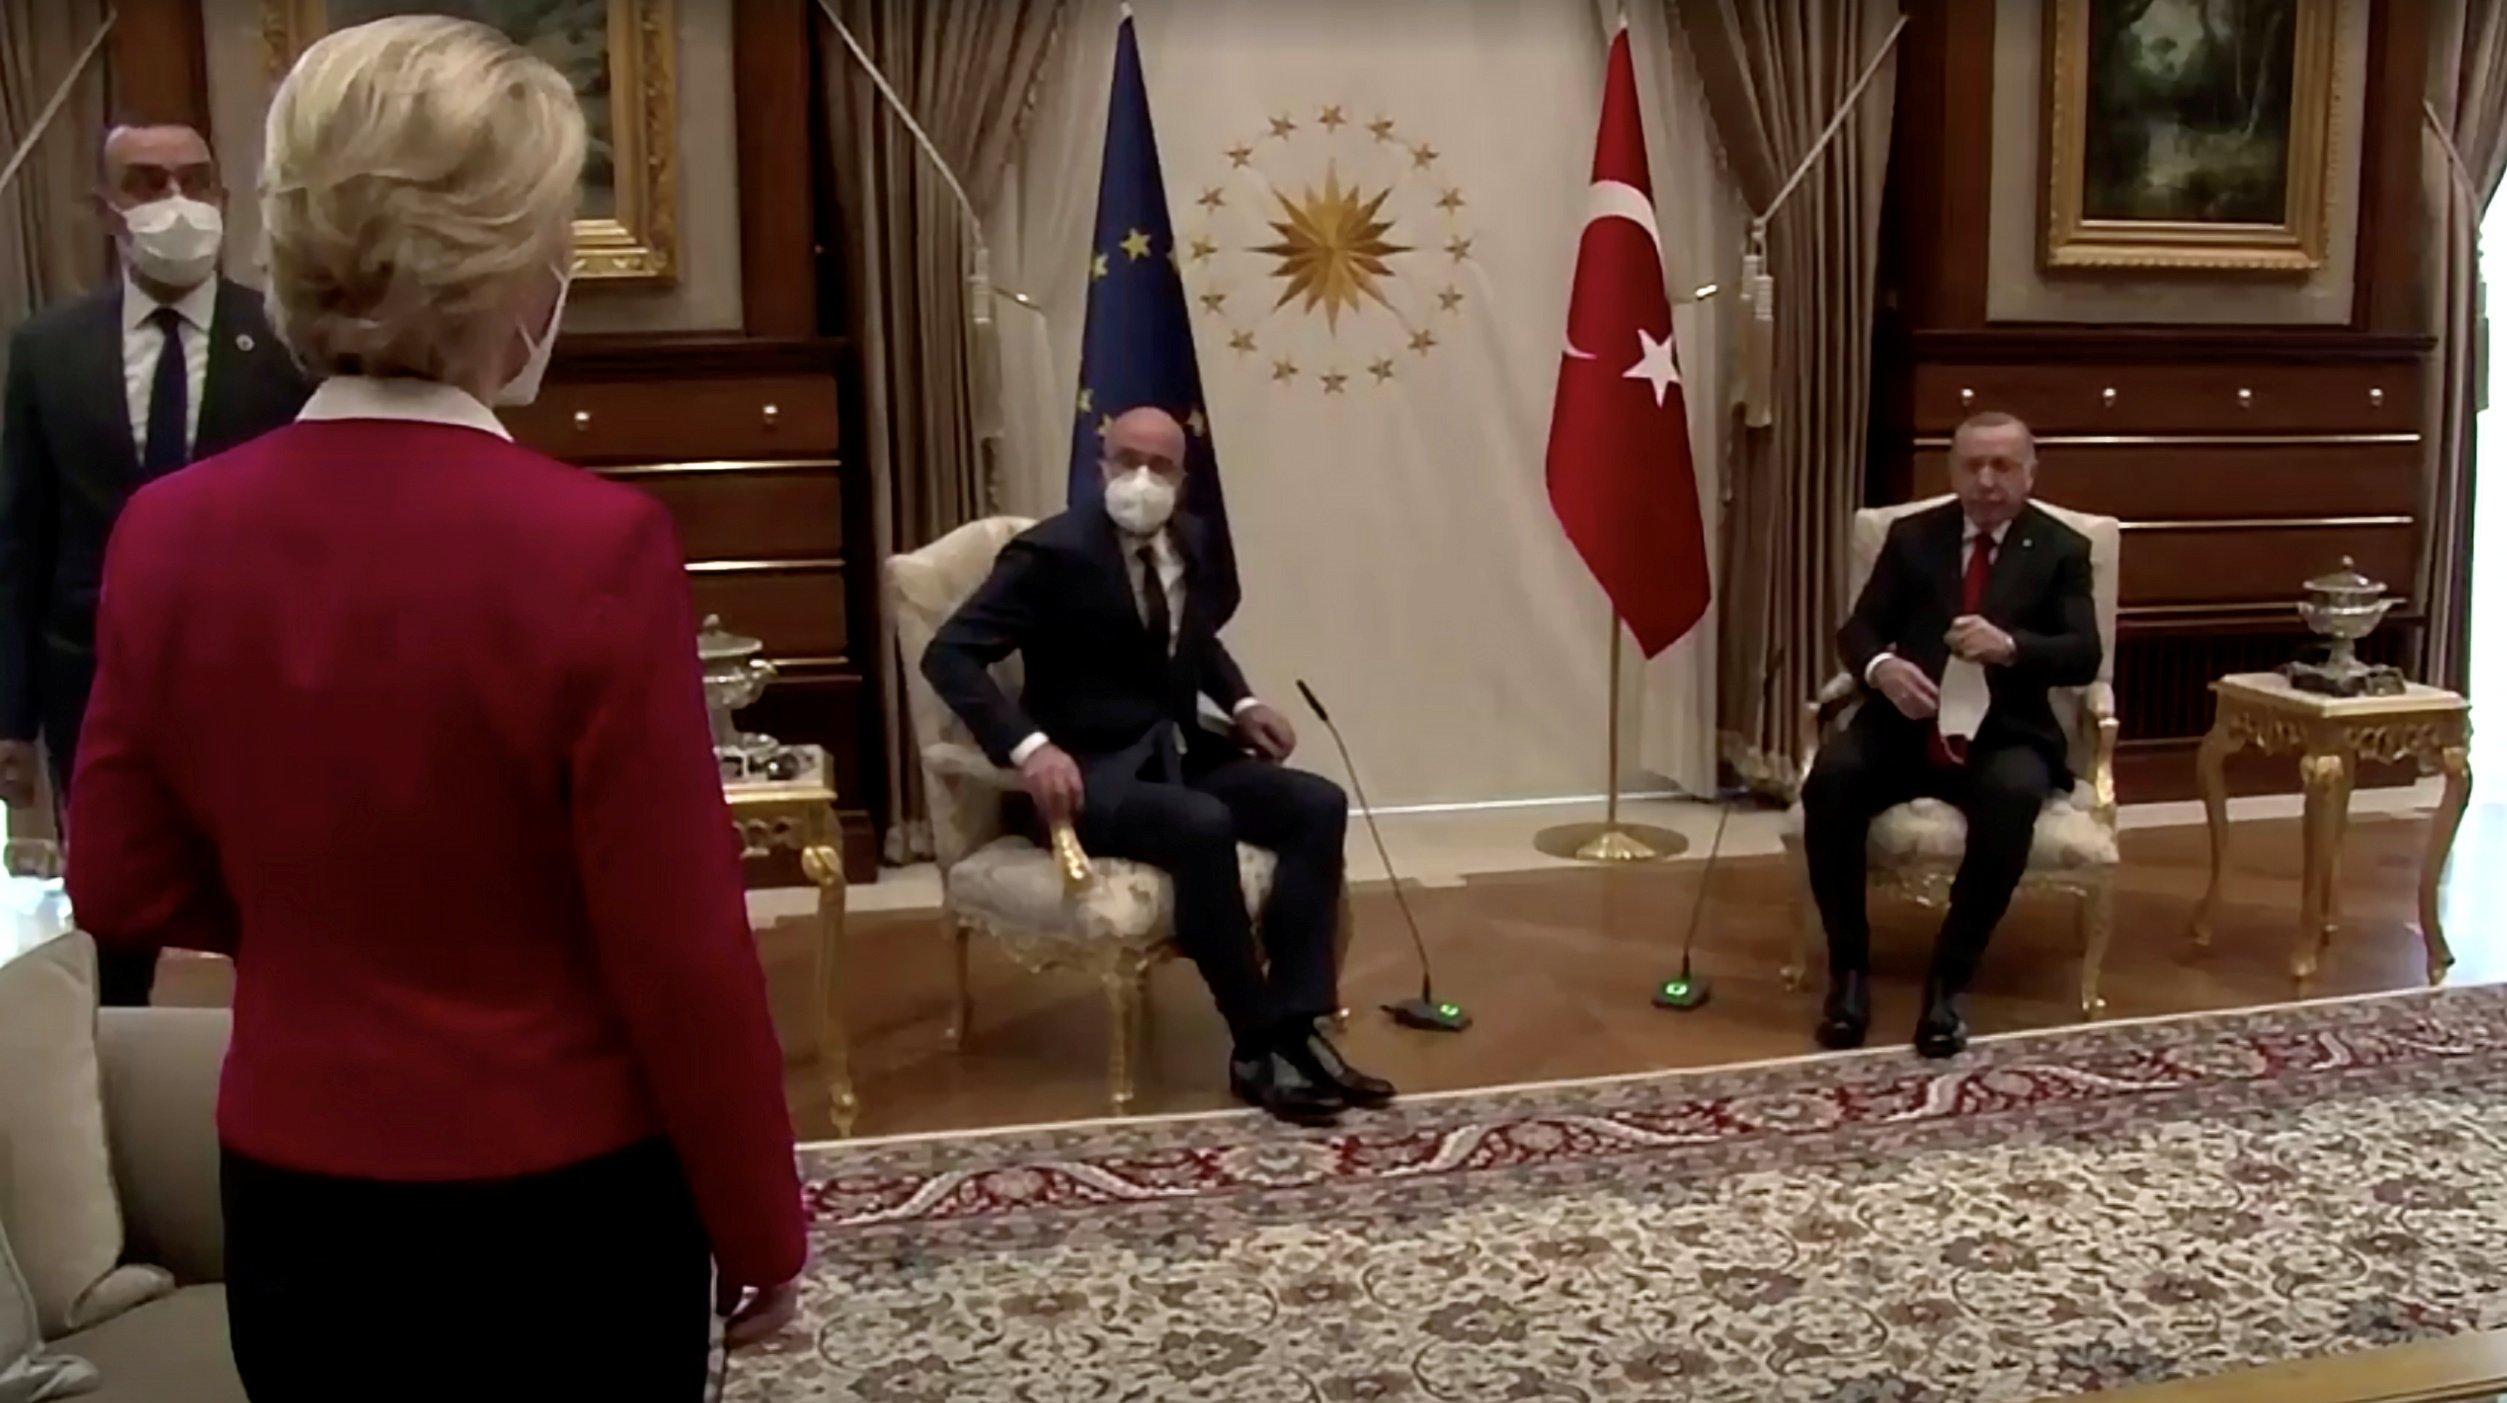 Μετά από ατυχήματα, η Τουρκία αναφέρει ότι τα έπιπλα ανταποκρίθηκαν στις απαιτήσεις της ΕΕ